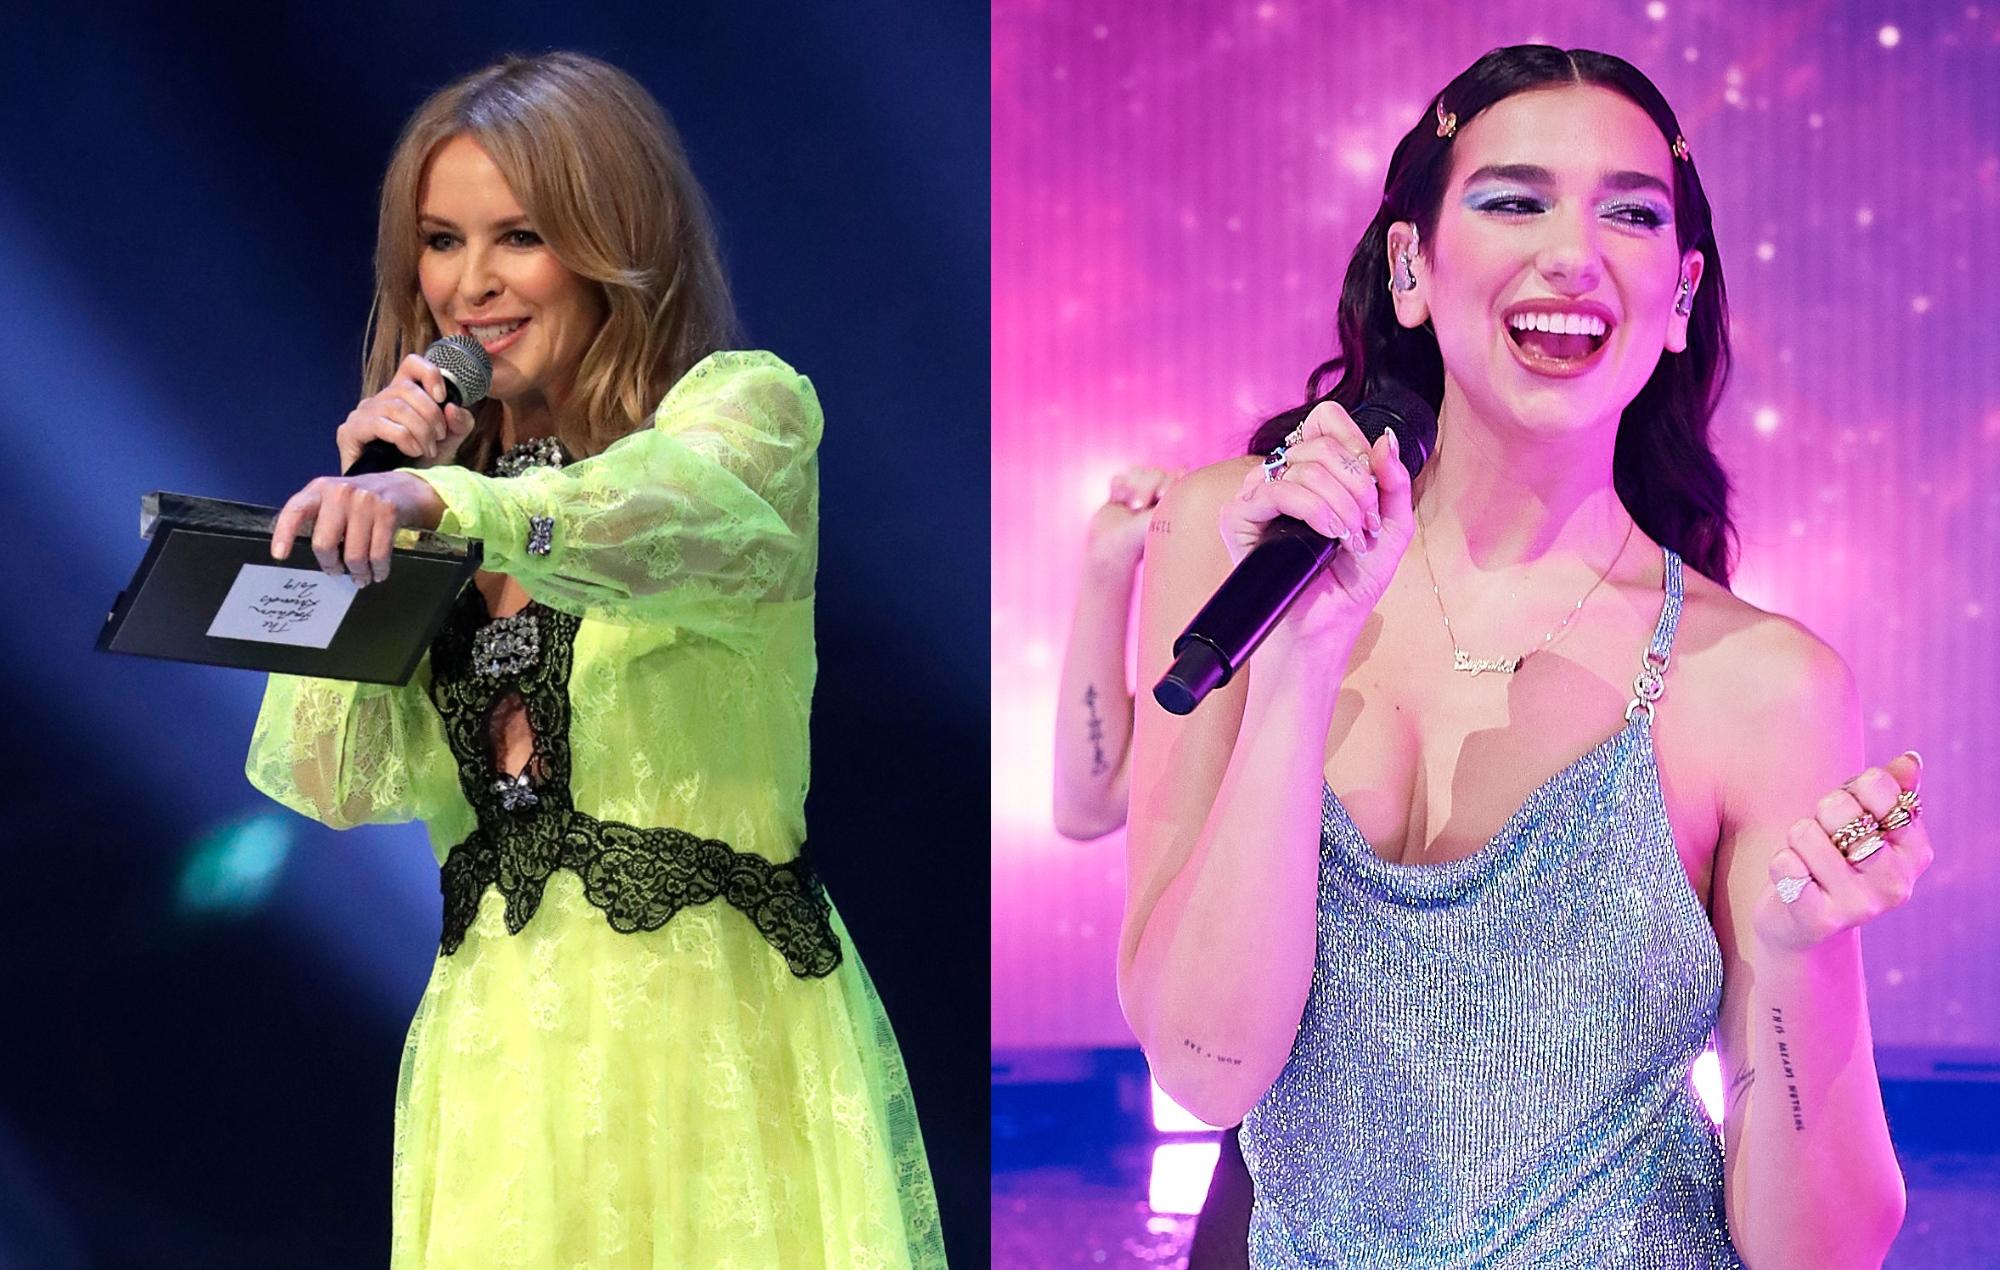 Kylie Minogue and Dua Lipa